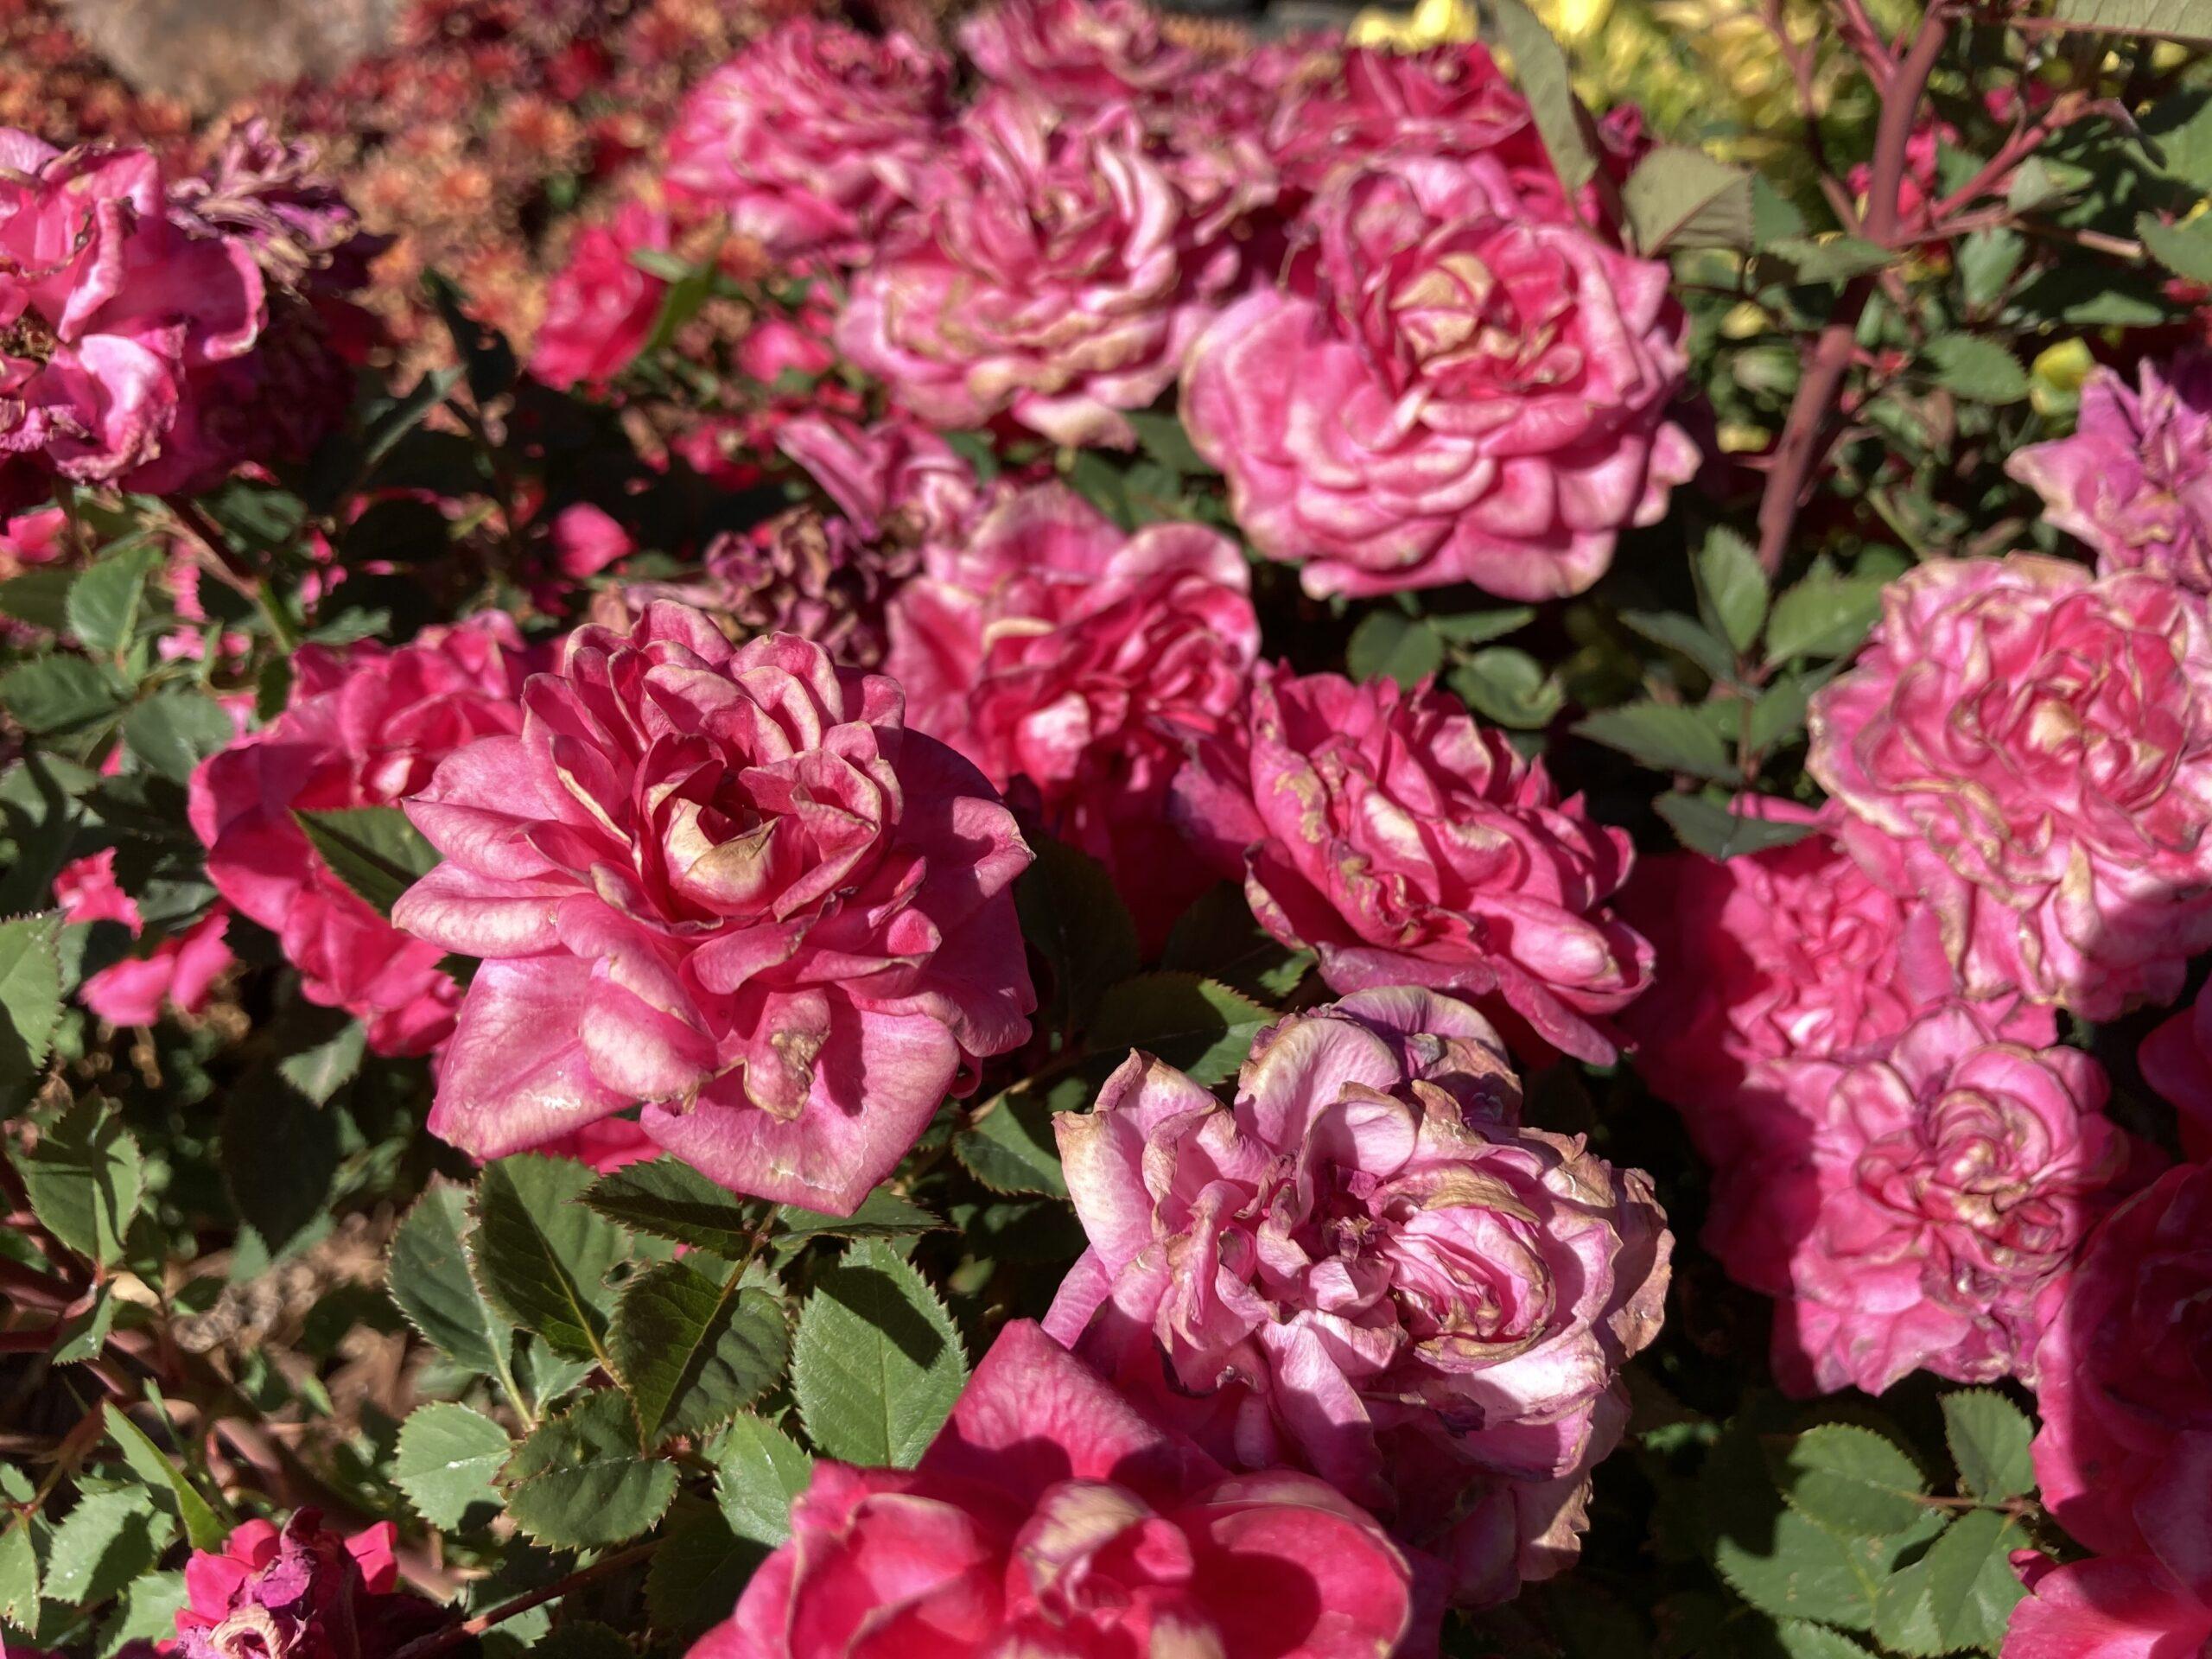 Roses rose bush